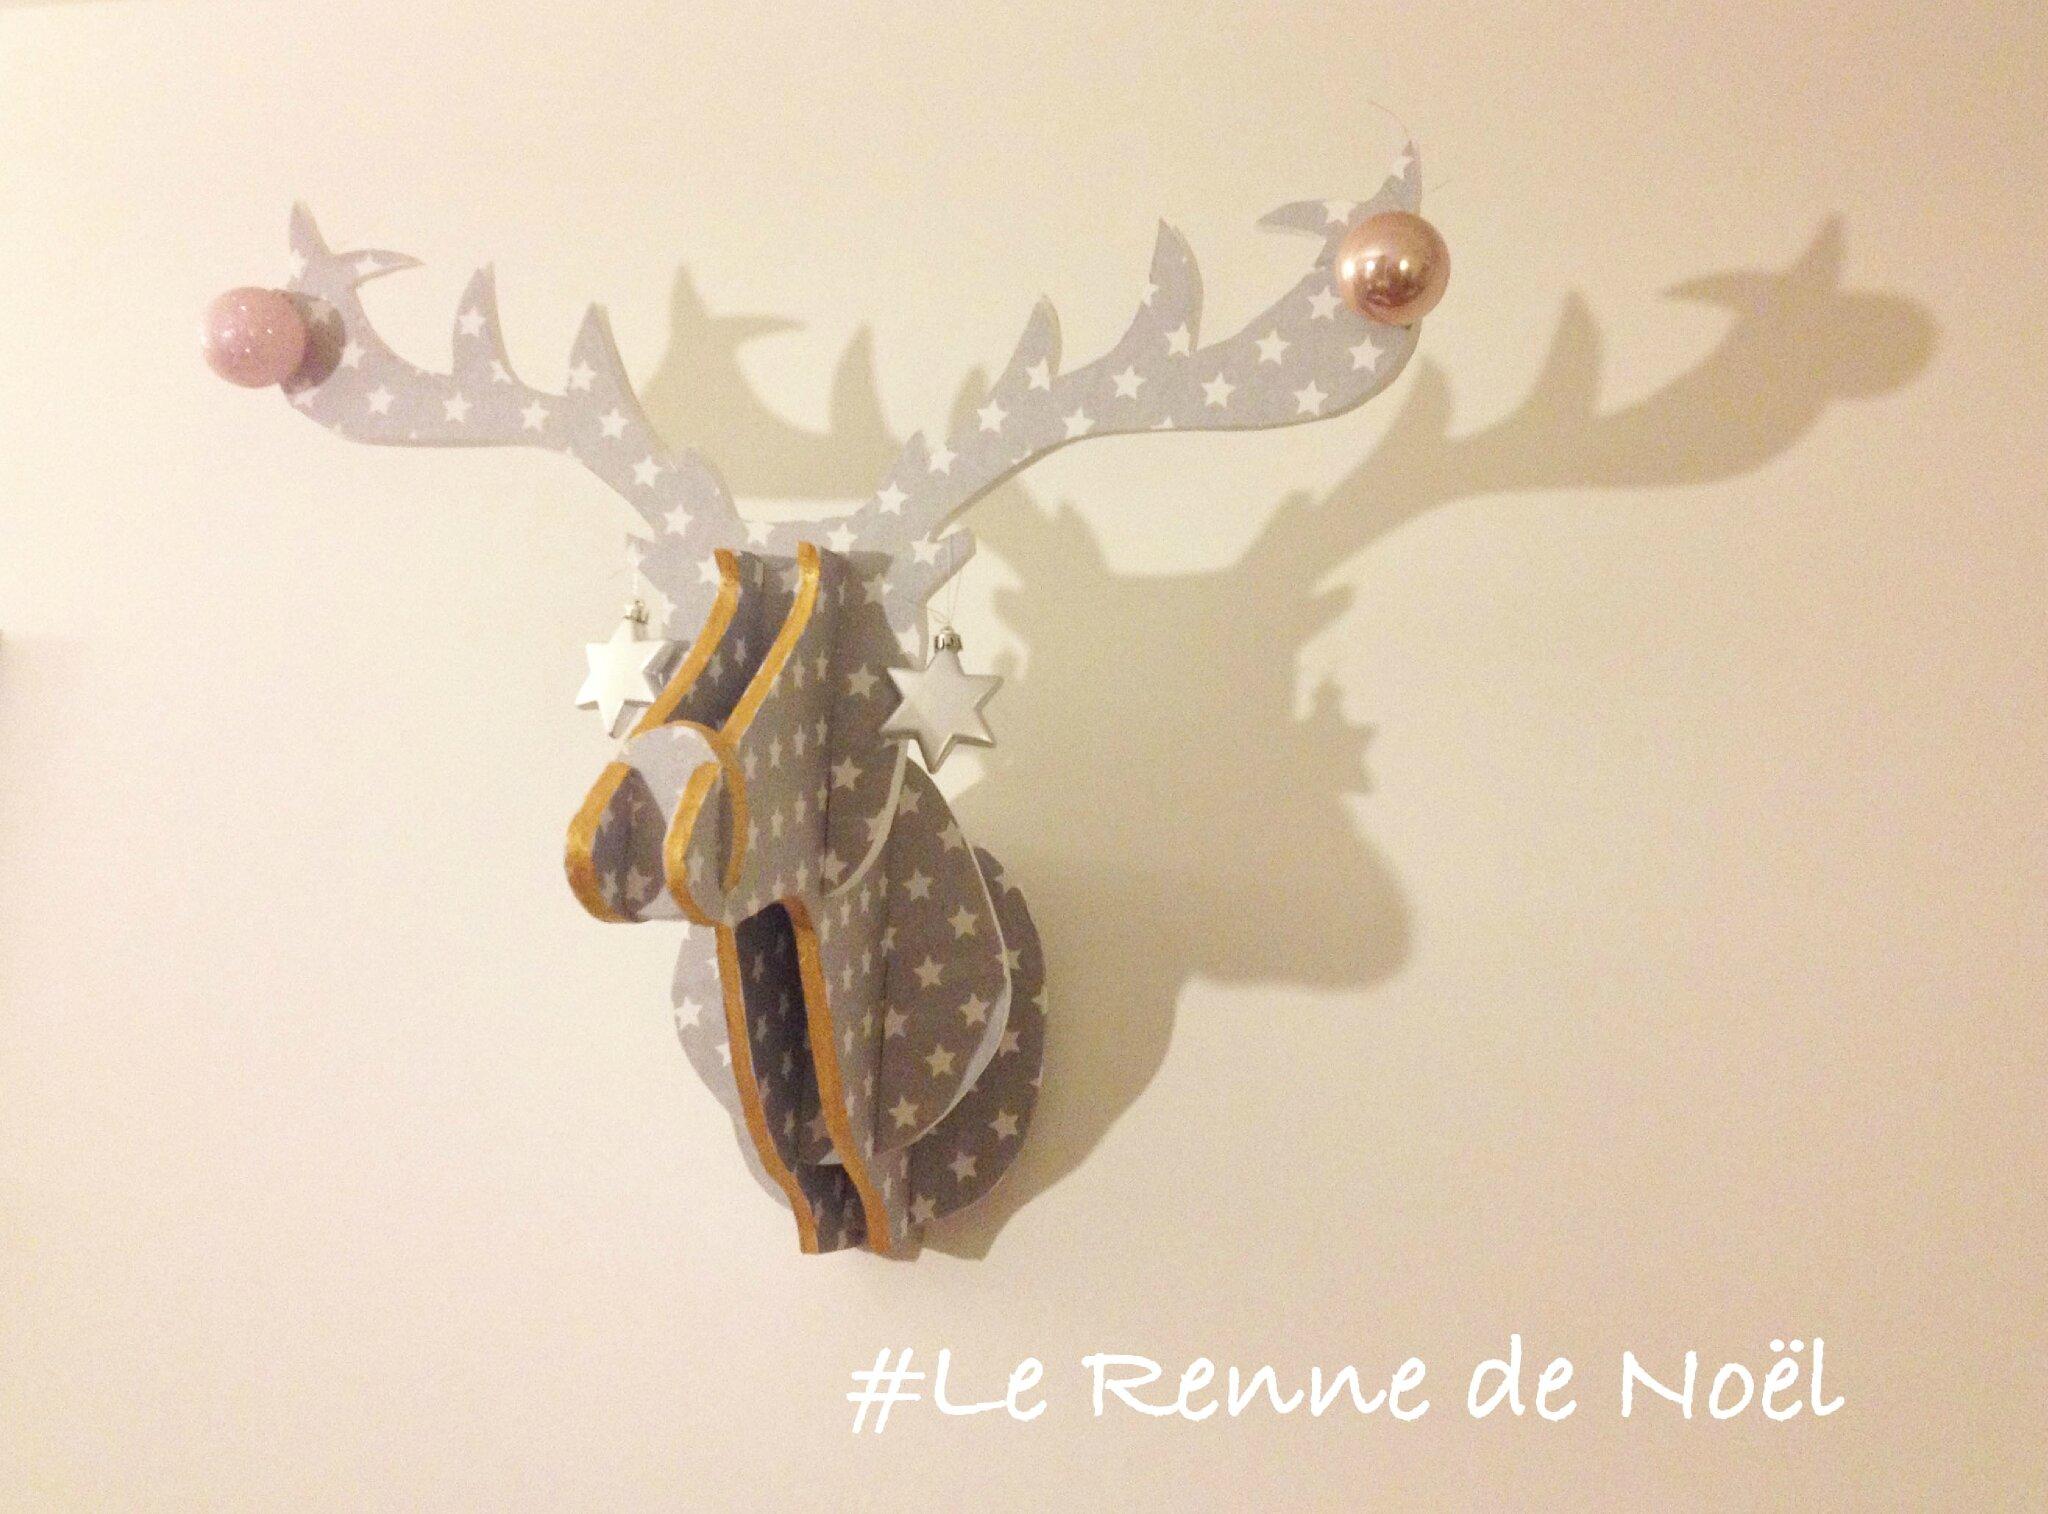 #AE7D1E Noël J 5! Les Petites Bricoles De Gwenk 5403 decorations de noel en carton 2048x1514 px @ aertt.com